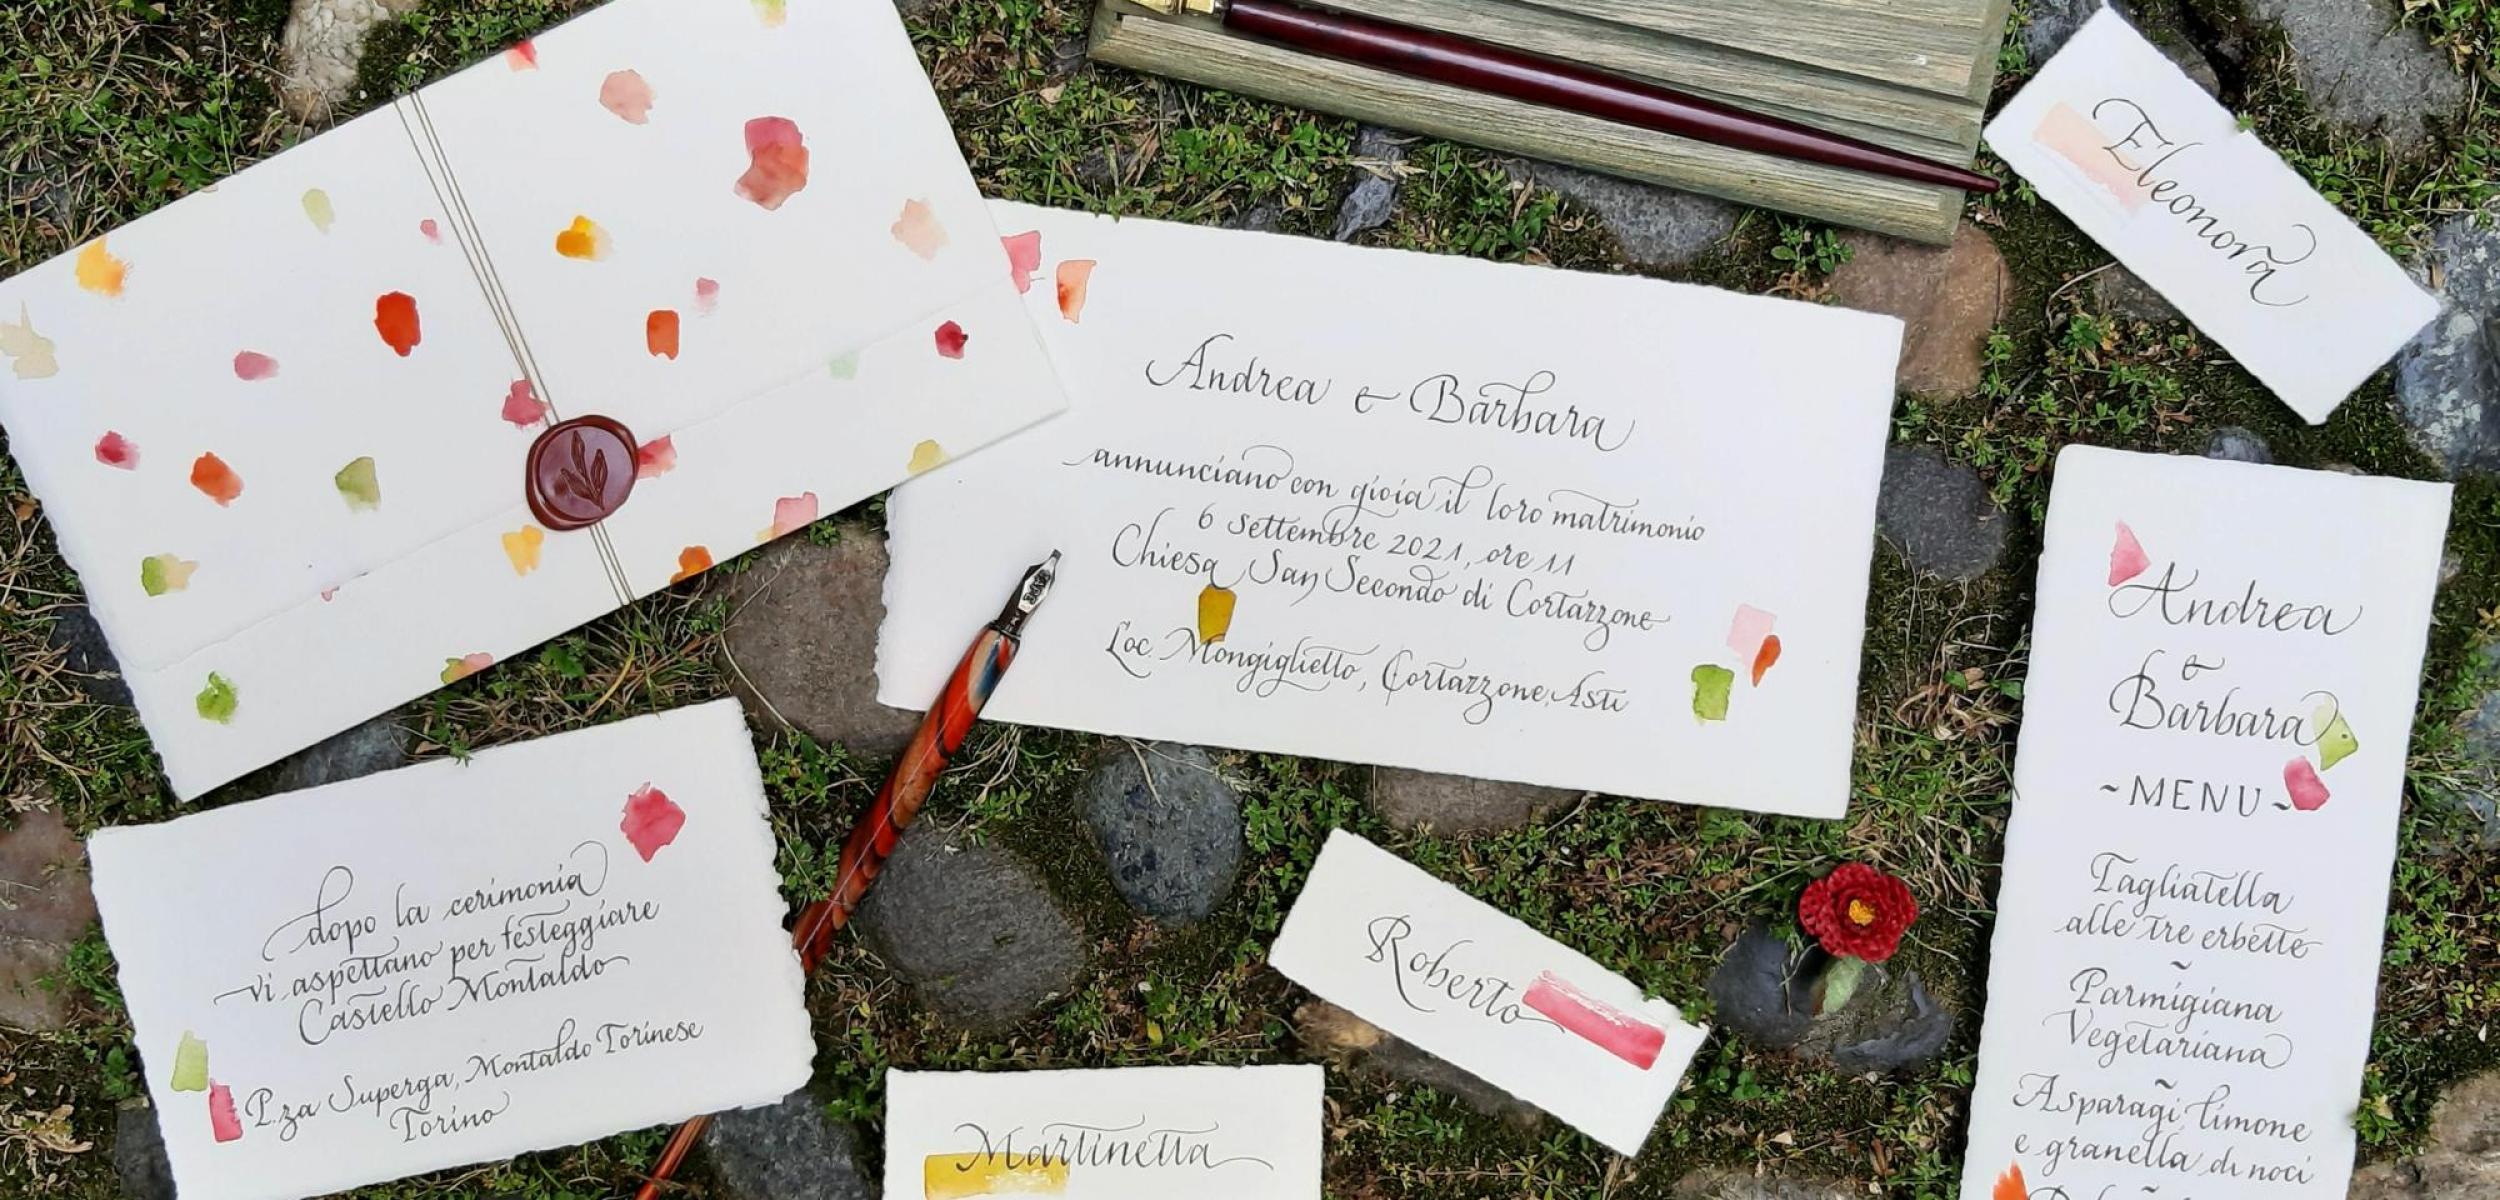 partecipazioni-matrimonio-fatte-a-mano-corolla